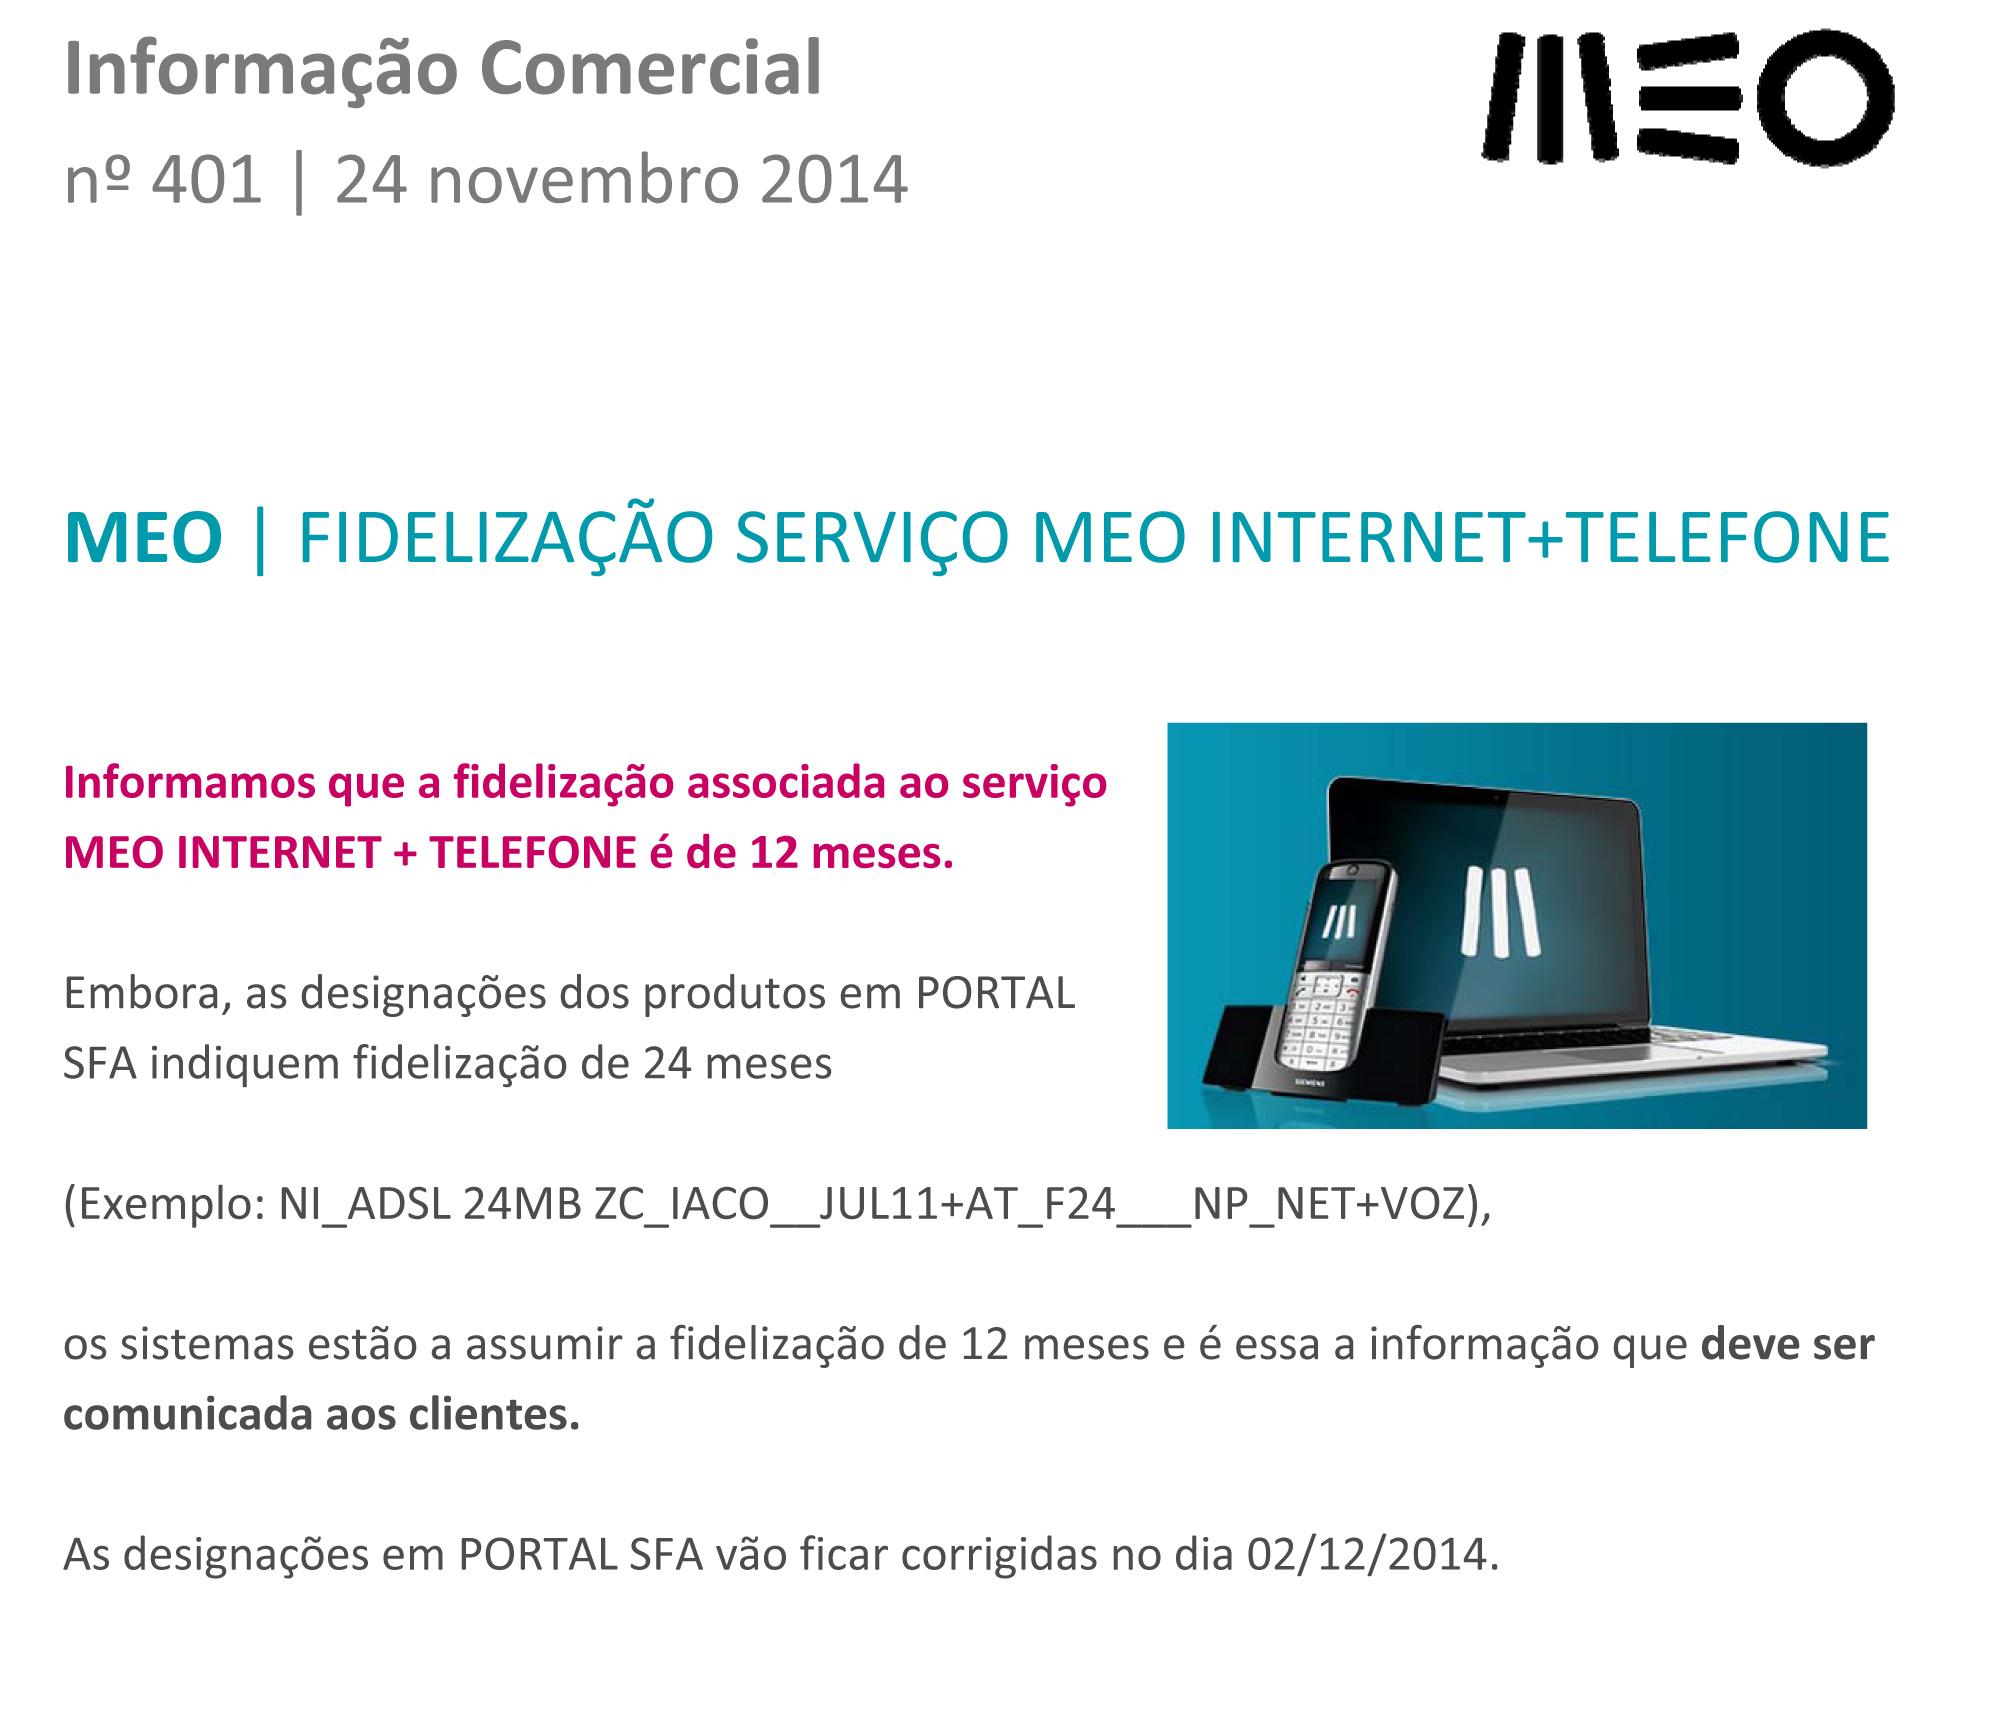 20141124_MEO_Fideliza%C3%A7%C3%A3o_Net%2